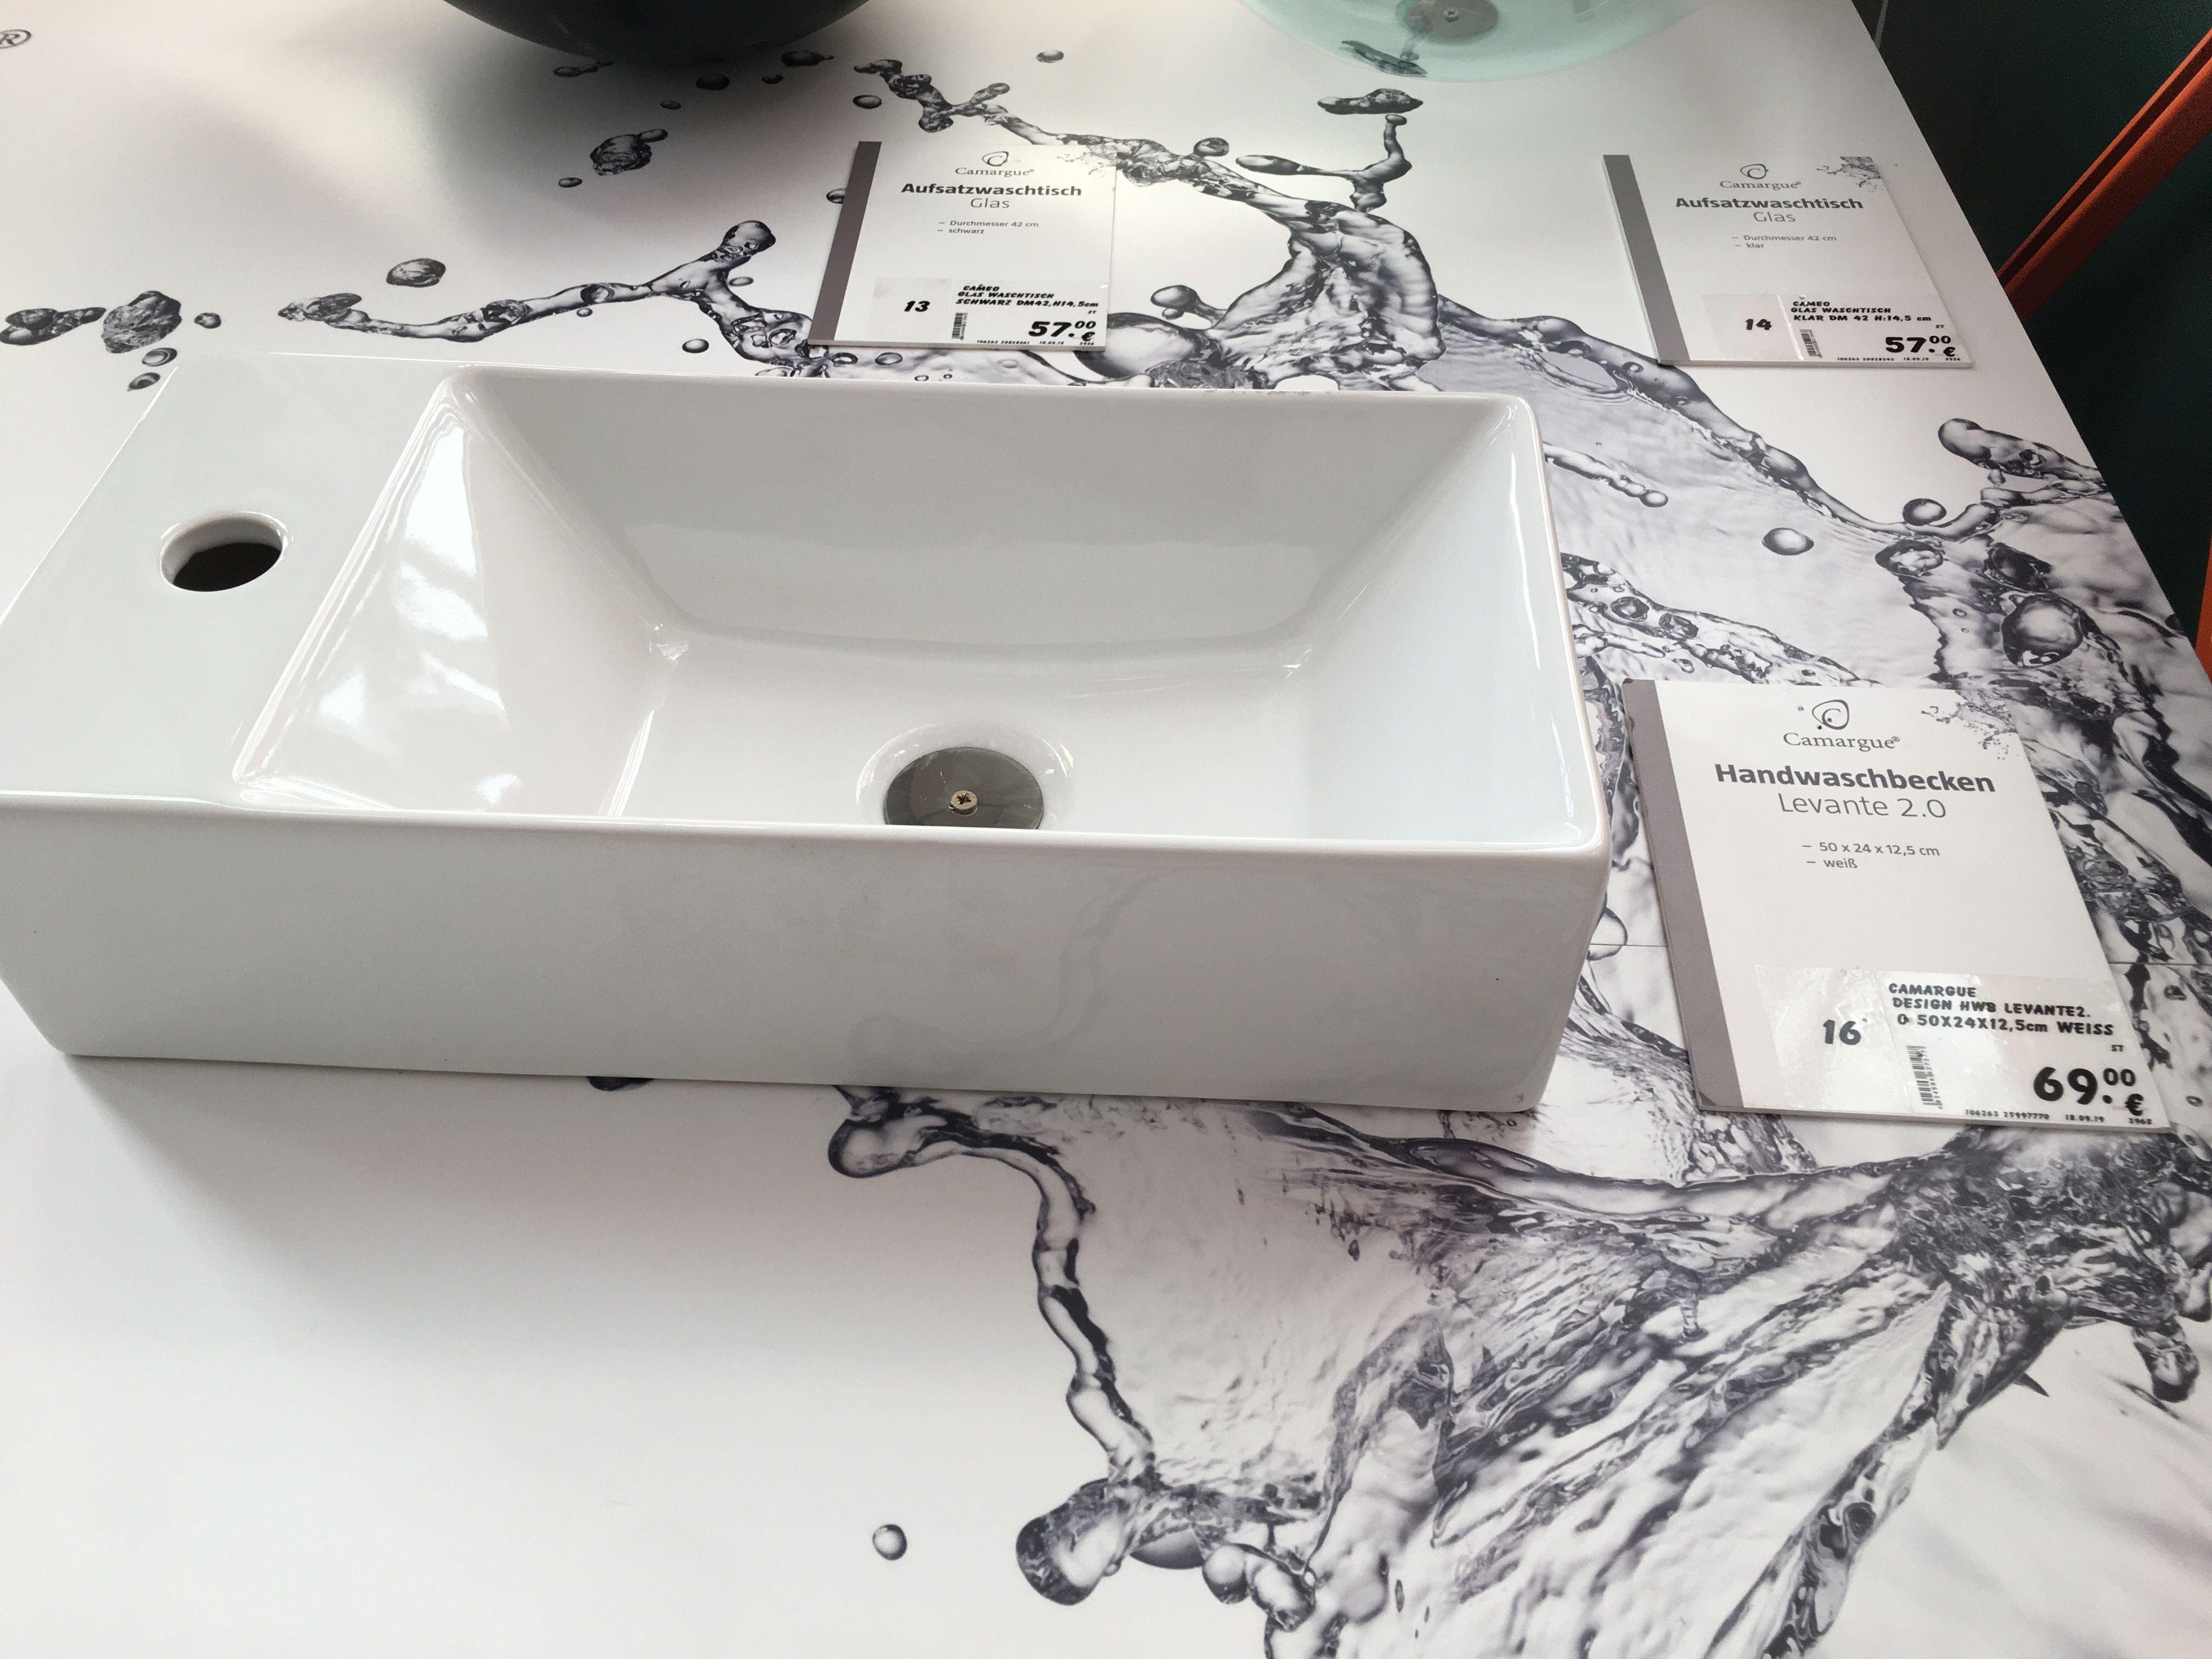 Camargue Aufsatzwaschbecken Levante 2 0 50 X 24 Cm Keramik Weiss In 2020 Aufsatzwaschbecken Aufsatz Bauhaus